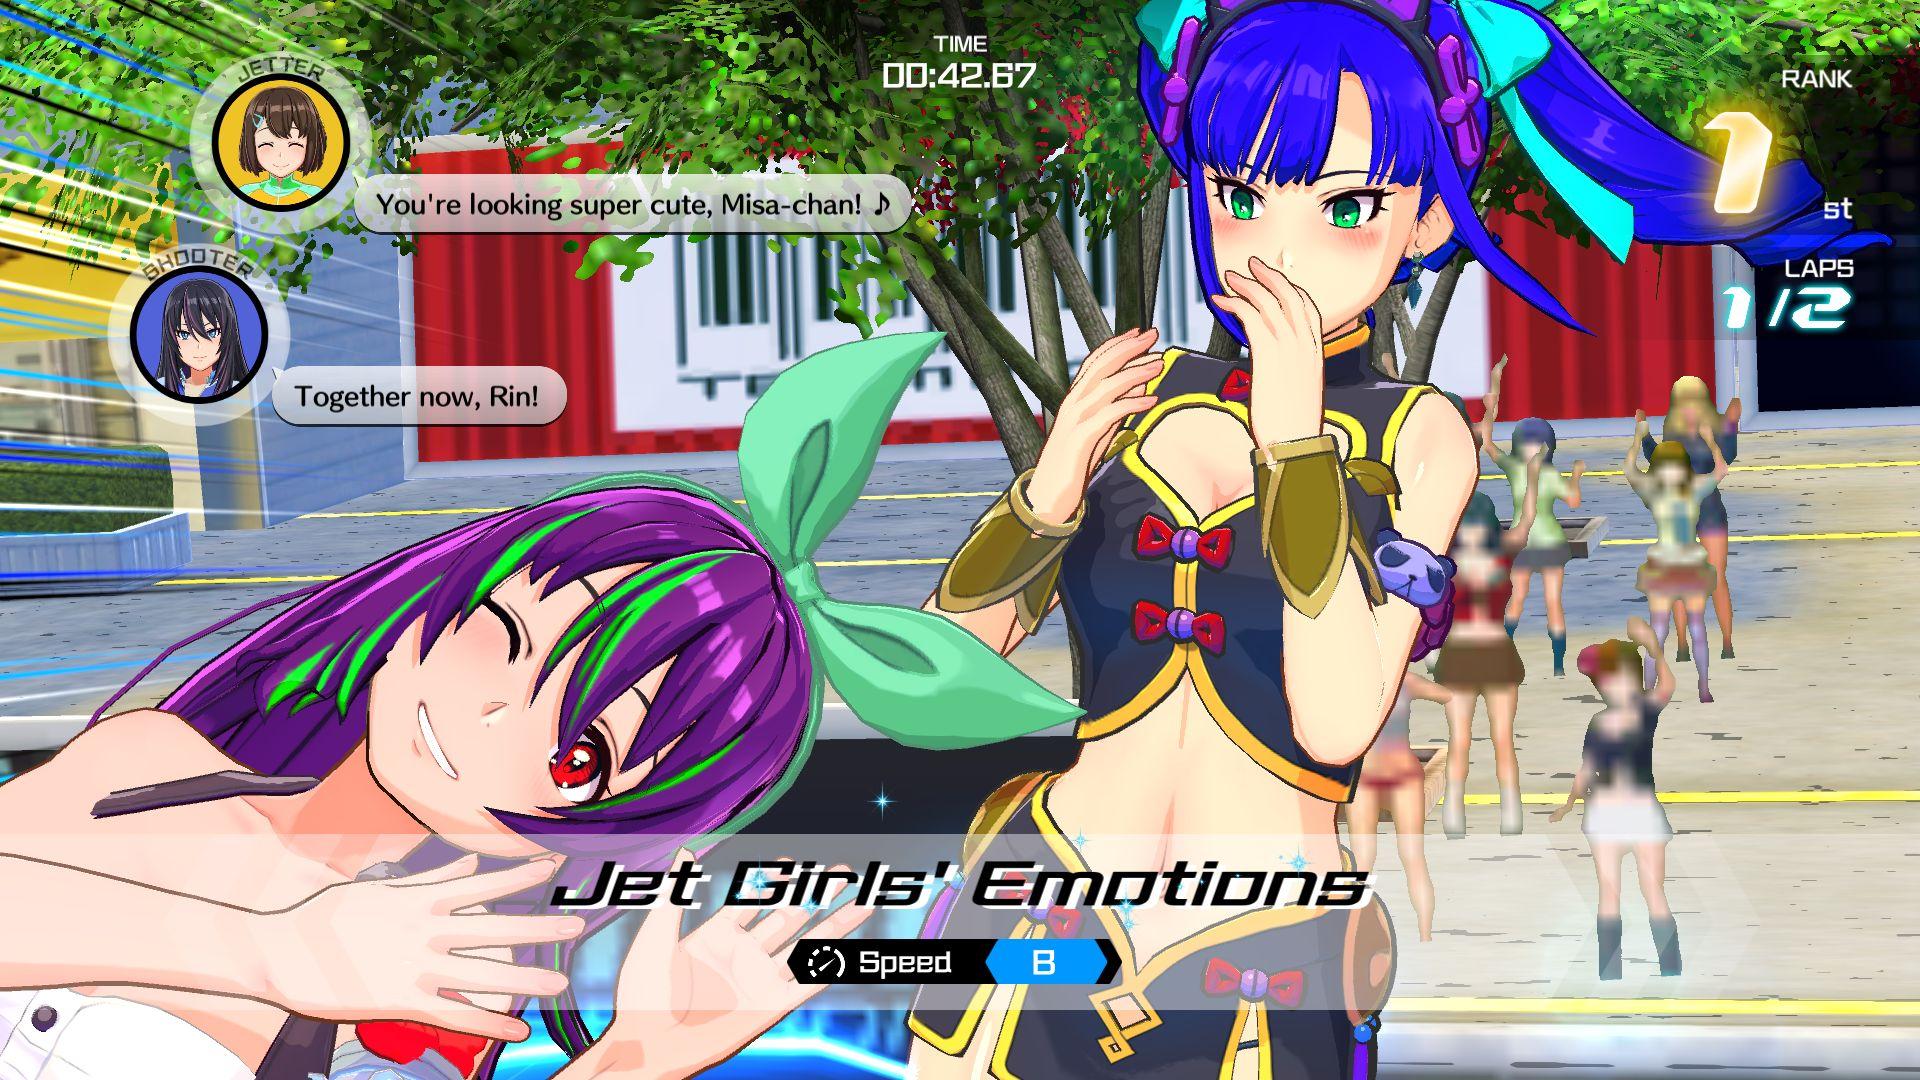 Kandagawa Jet Girls 7